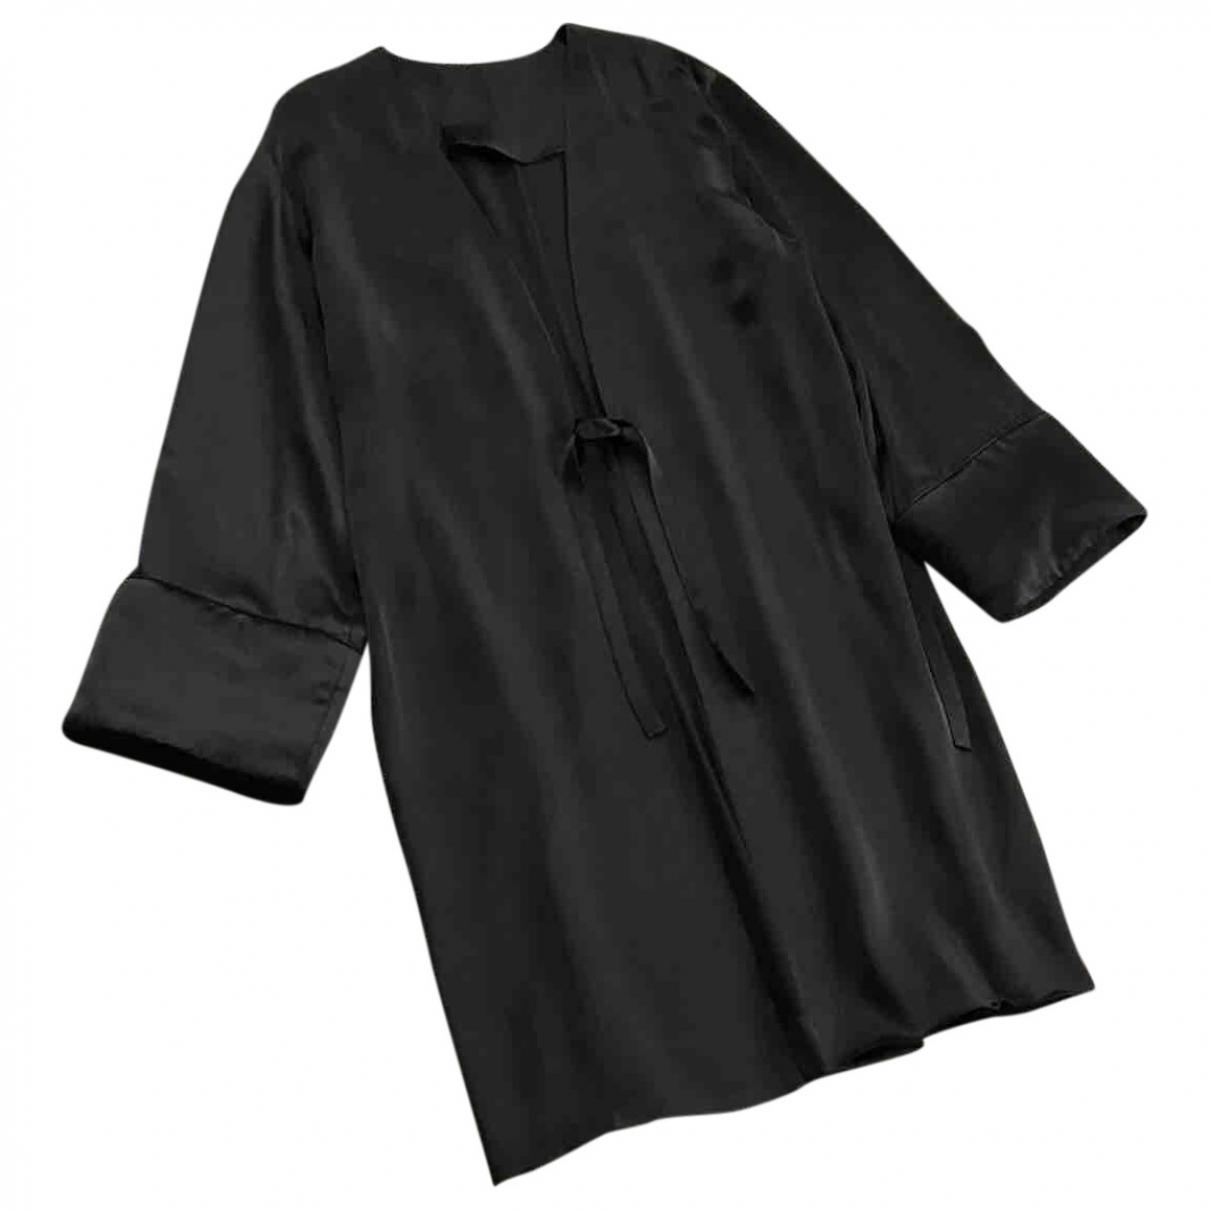 Toteme - Veste   pour femme - noir